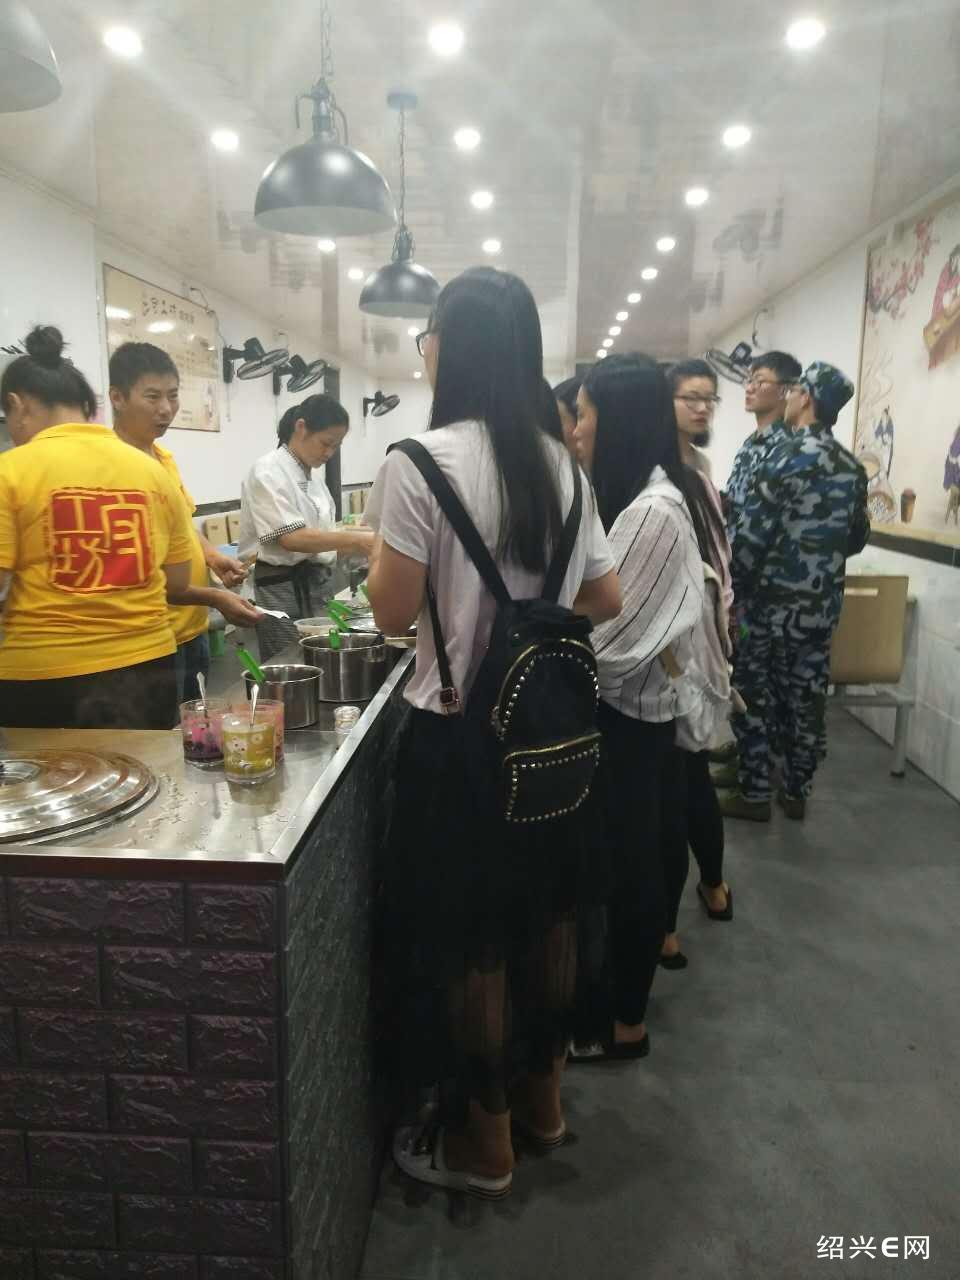 正常营业中百年传承传统小吃店,平均月营业收入七至八万左右现转让